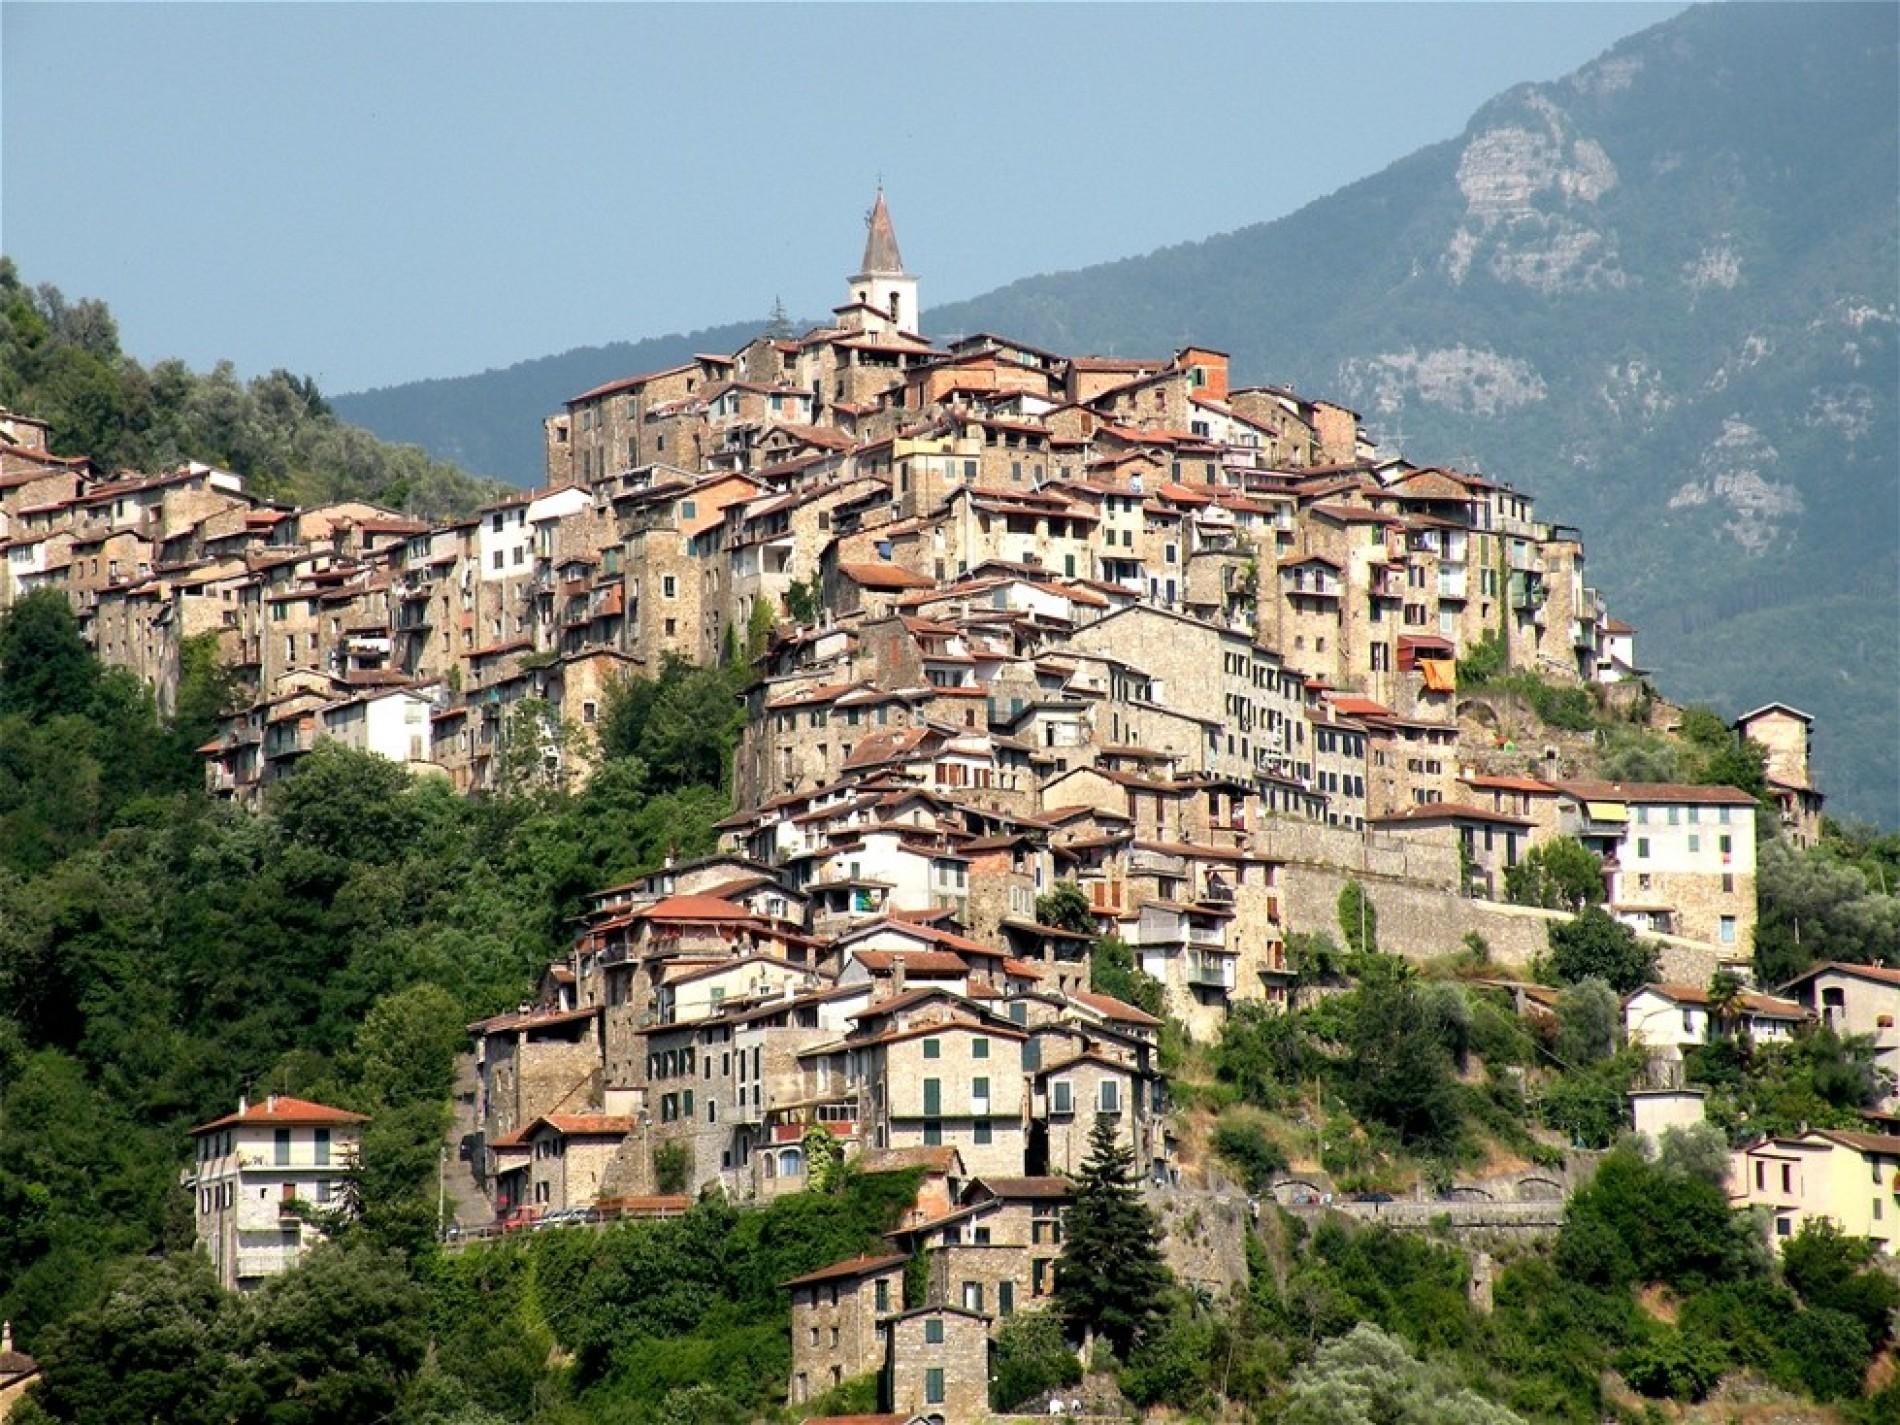 L'ITALIA E I SUOI BORGHI STORICI: UN PATRIMONIO DA SALVAGUARDARE